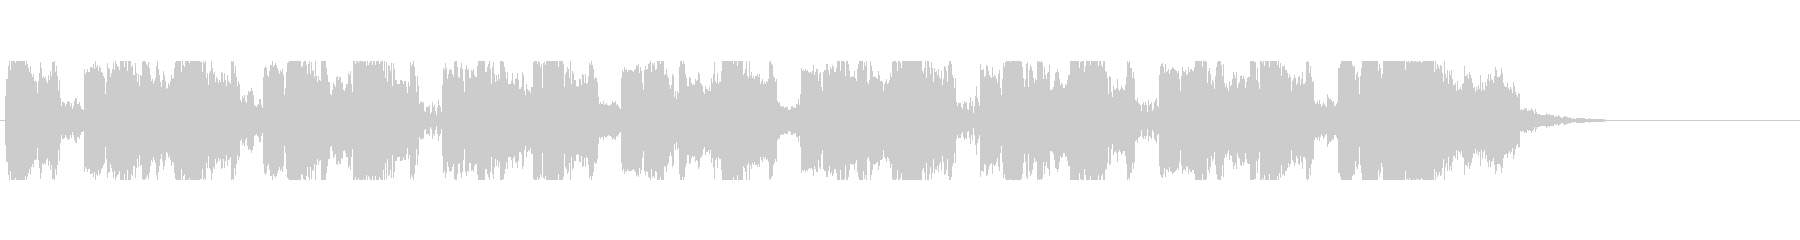 未来的HipHopバトル系ジングルの未再生の波形